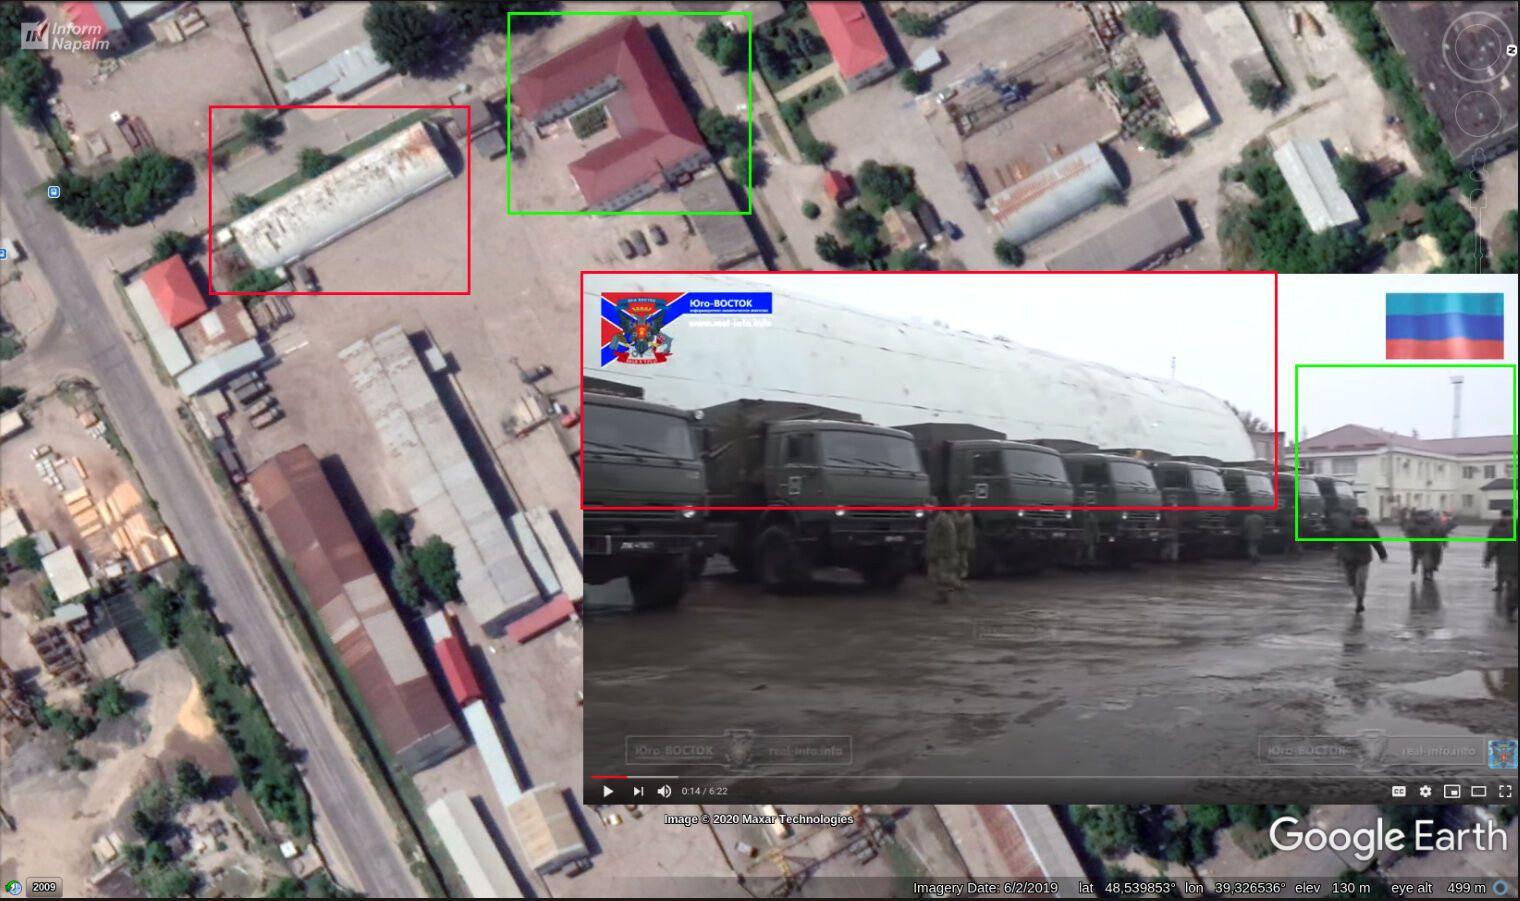 Геолокационная привязка снимков с перебросом техники